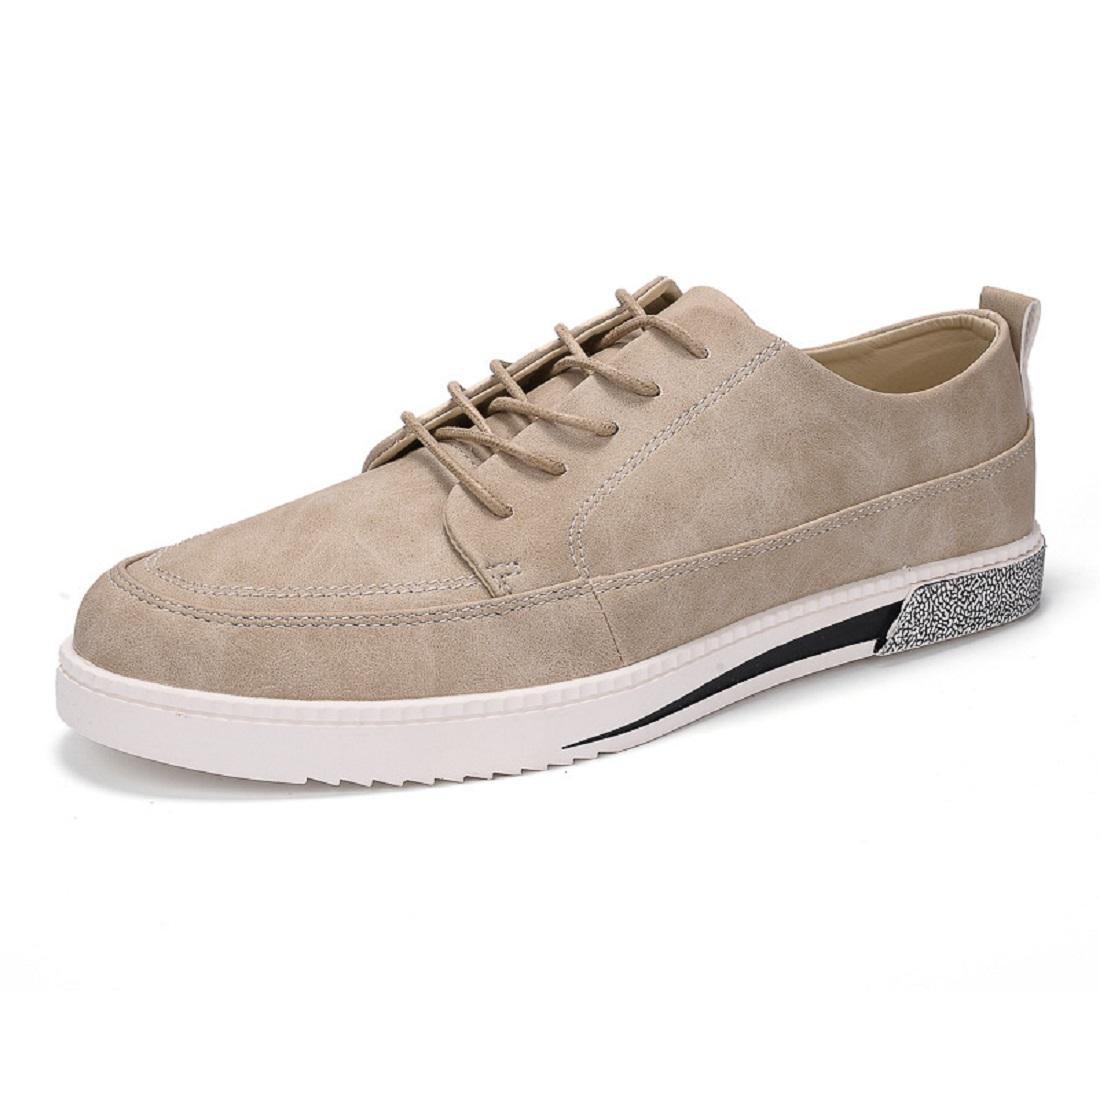 Herren Sportschuhe Flache Schuhe Ausbilder Freizeit Atmungsaktiv Draussen Lässige Schuhe